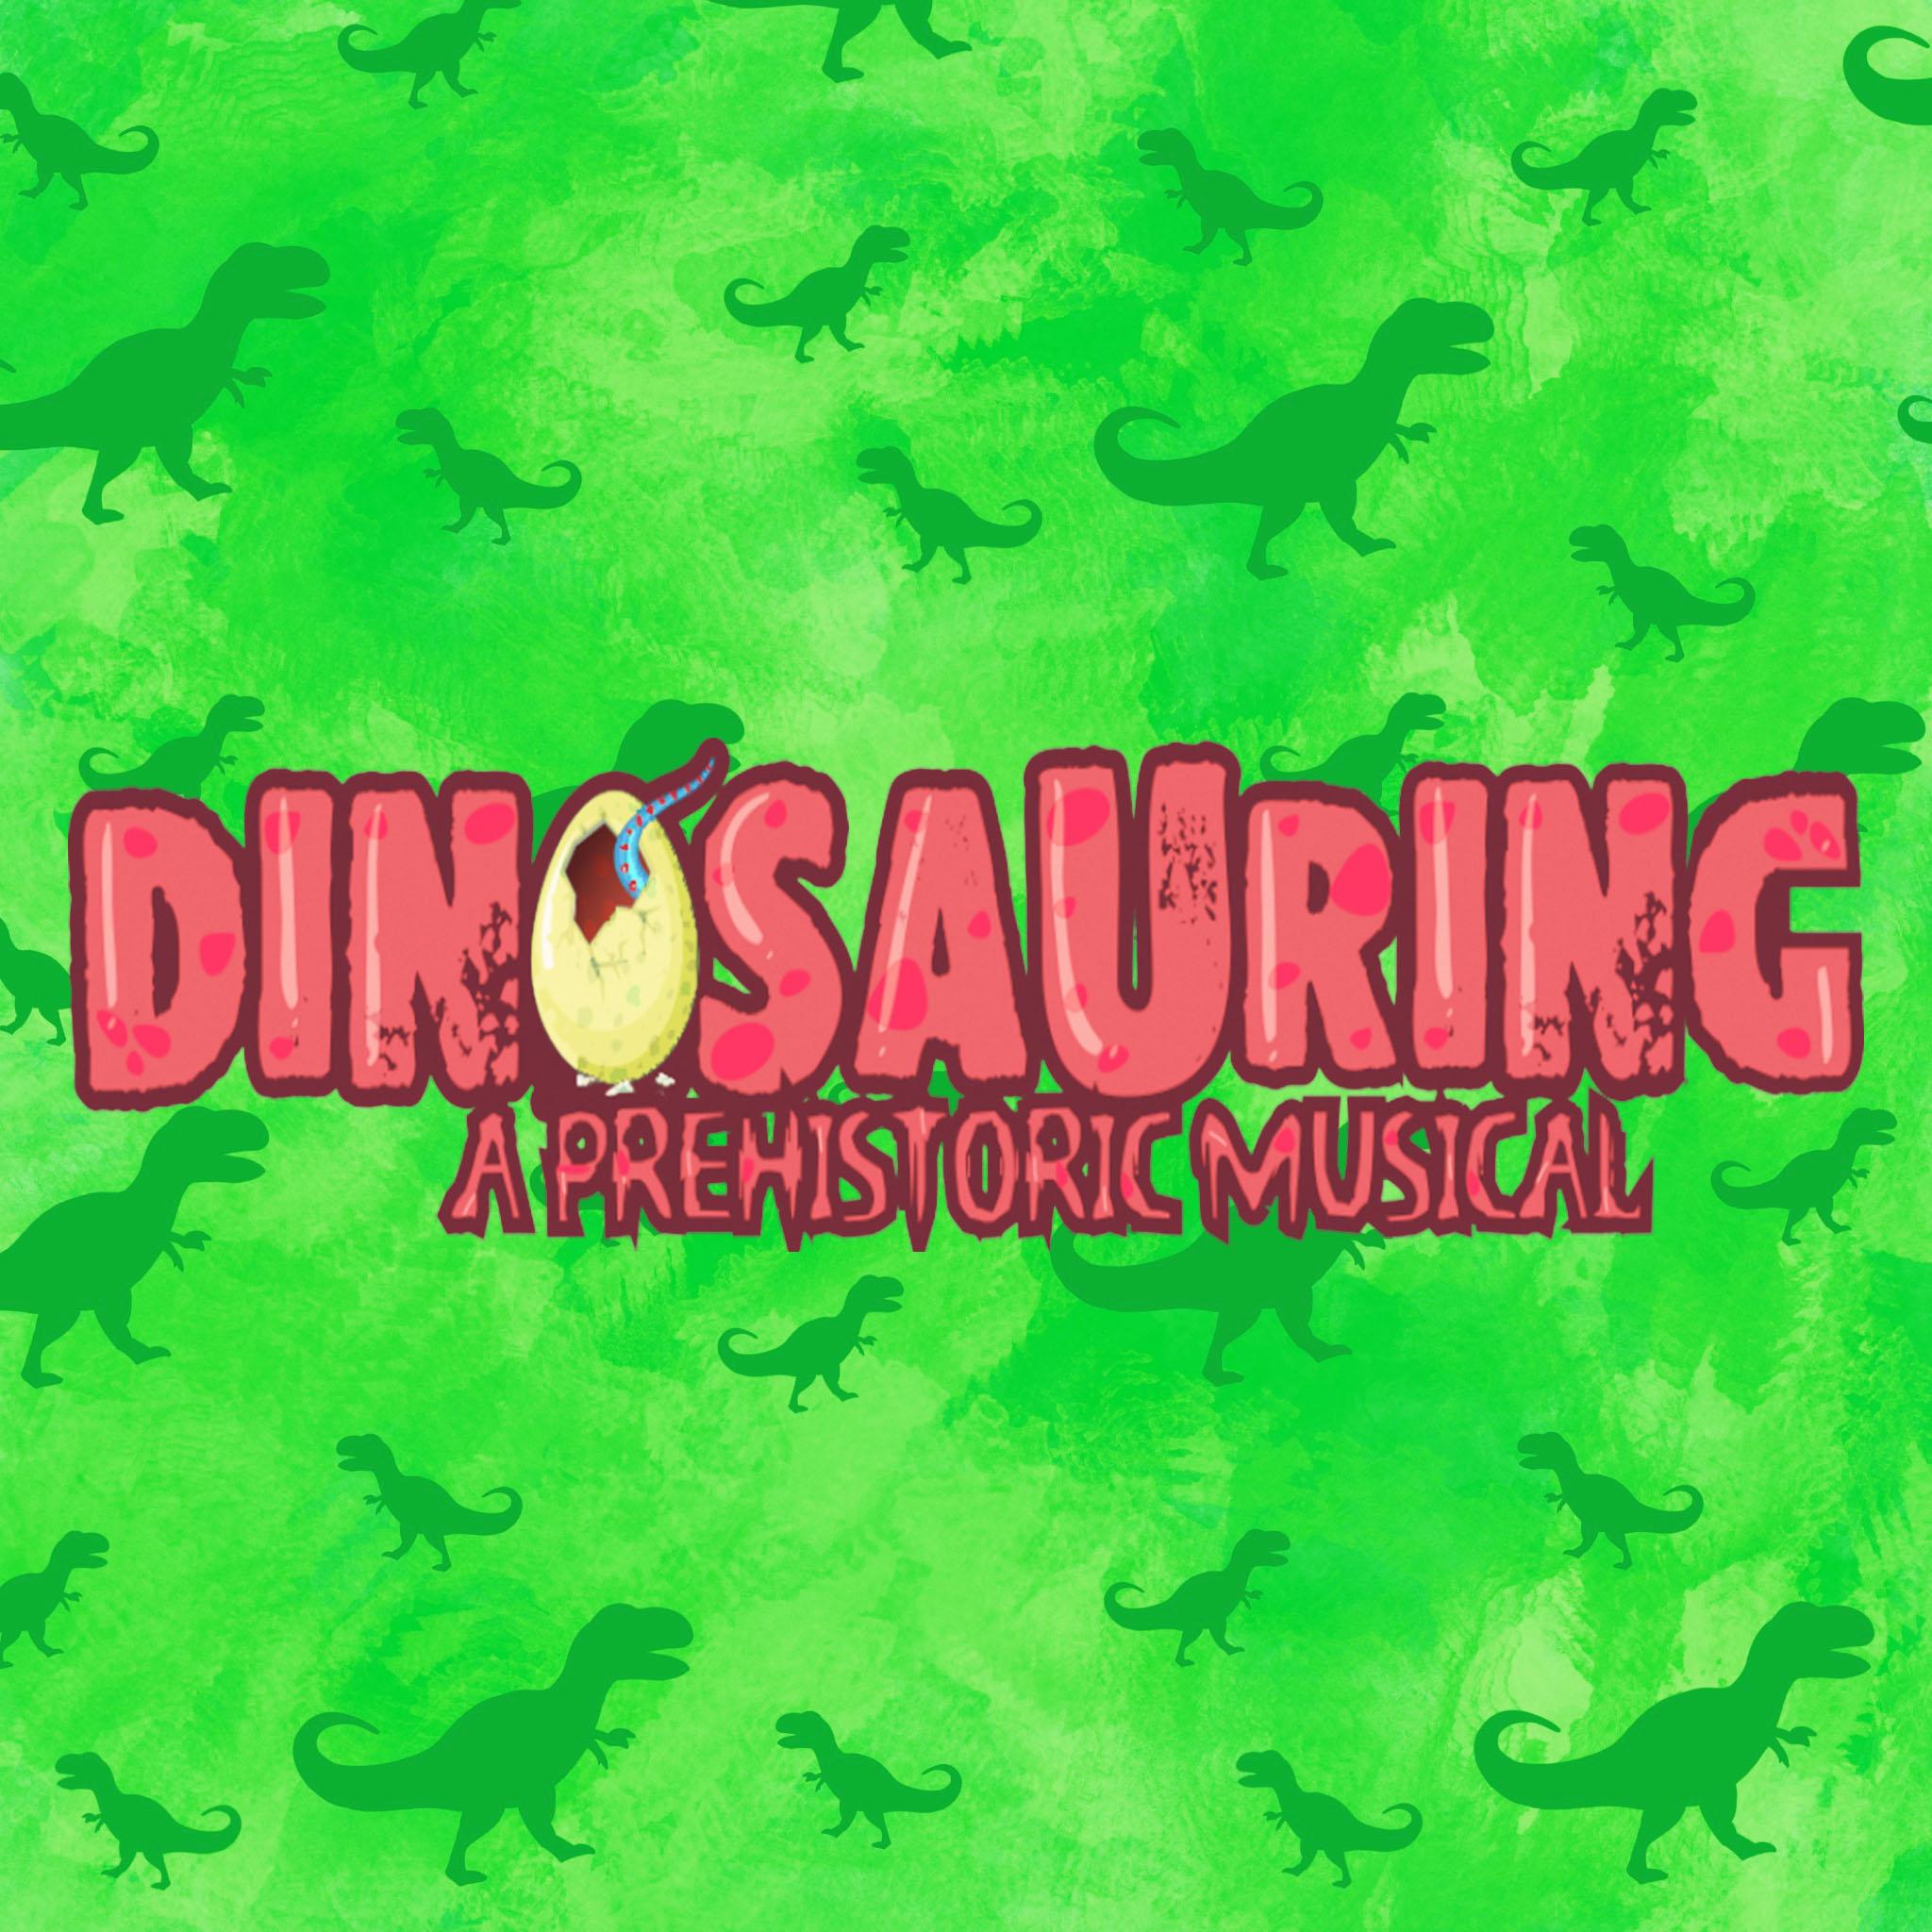 Dinosauring Logo green.jpg